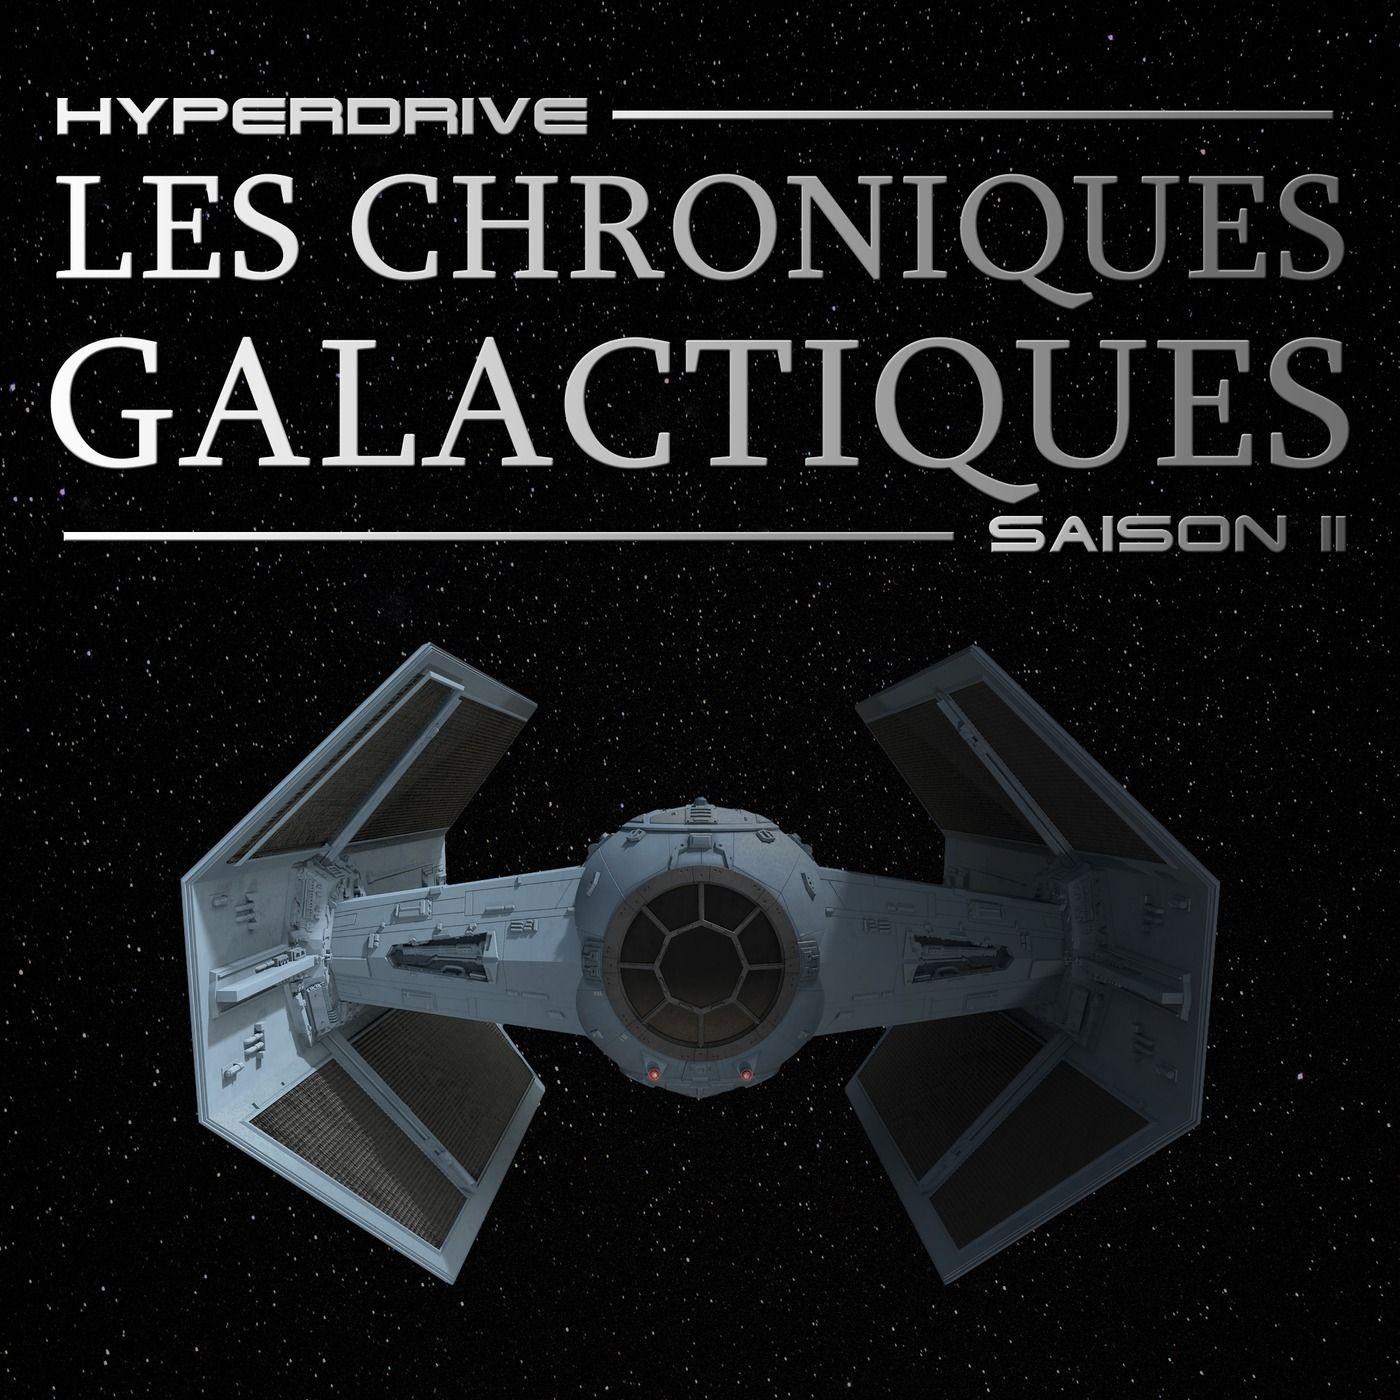 Les Chroniques Galactiques saison 2 - Teaser 1